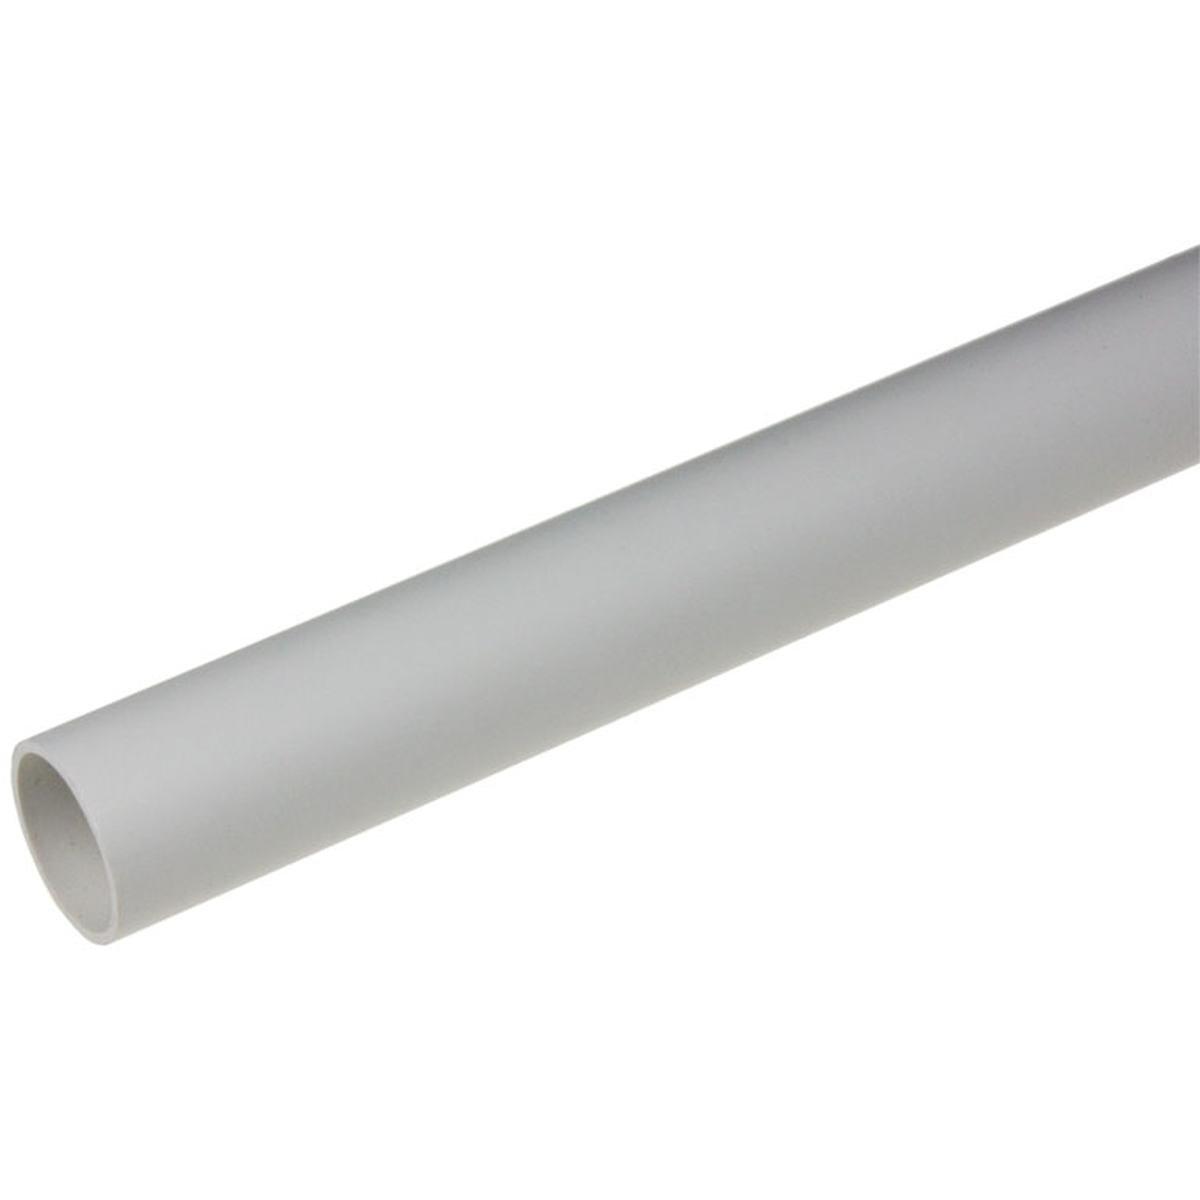 Drænrør Ø20 mm - længde = 1 meter